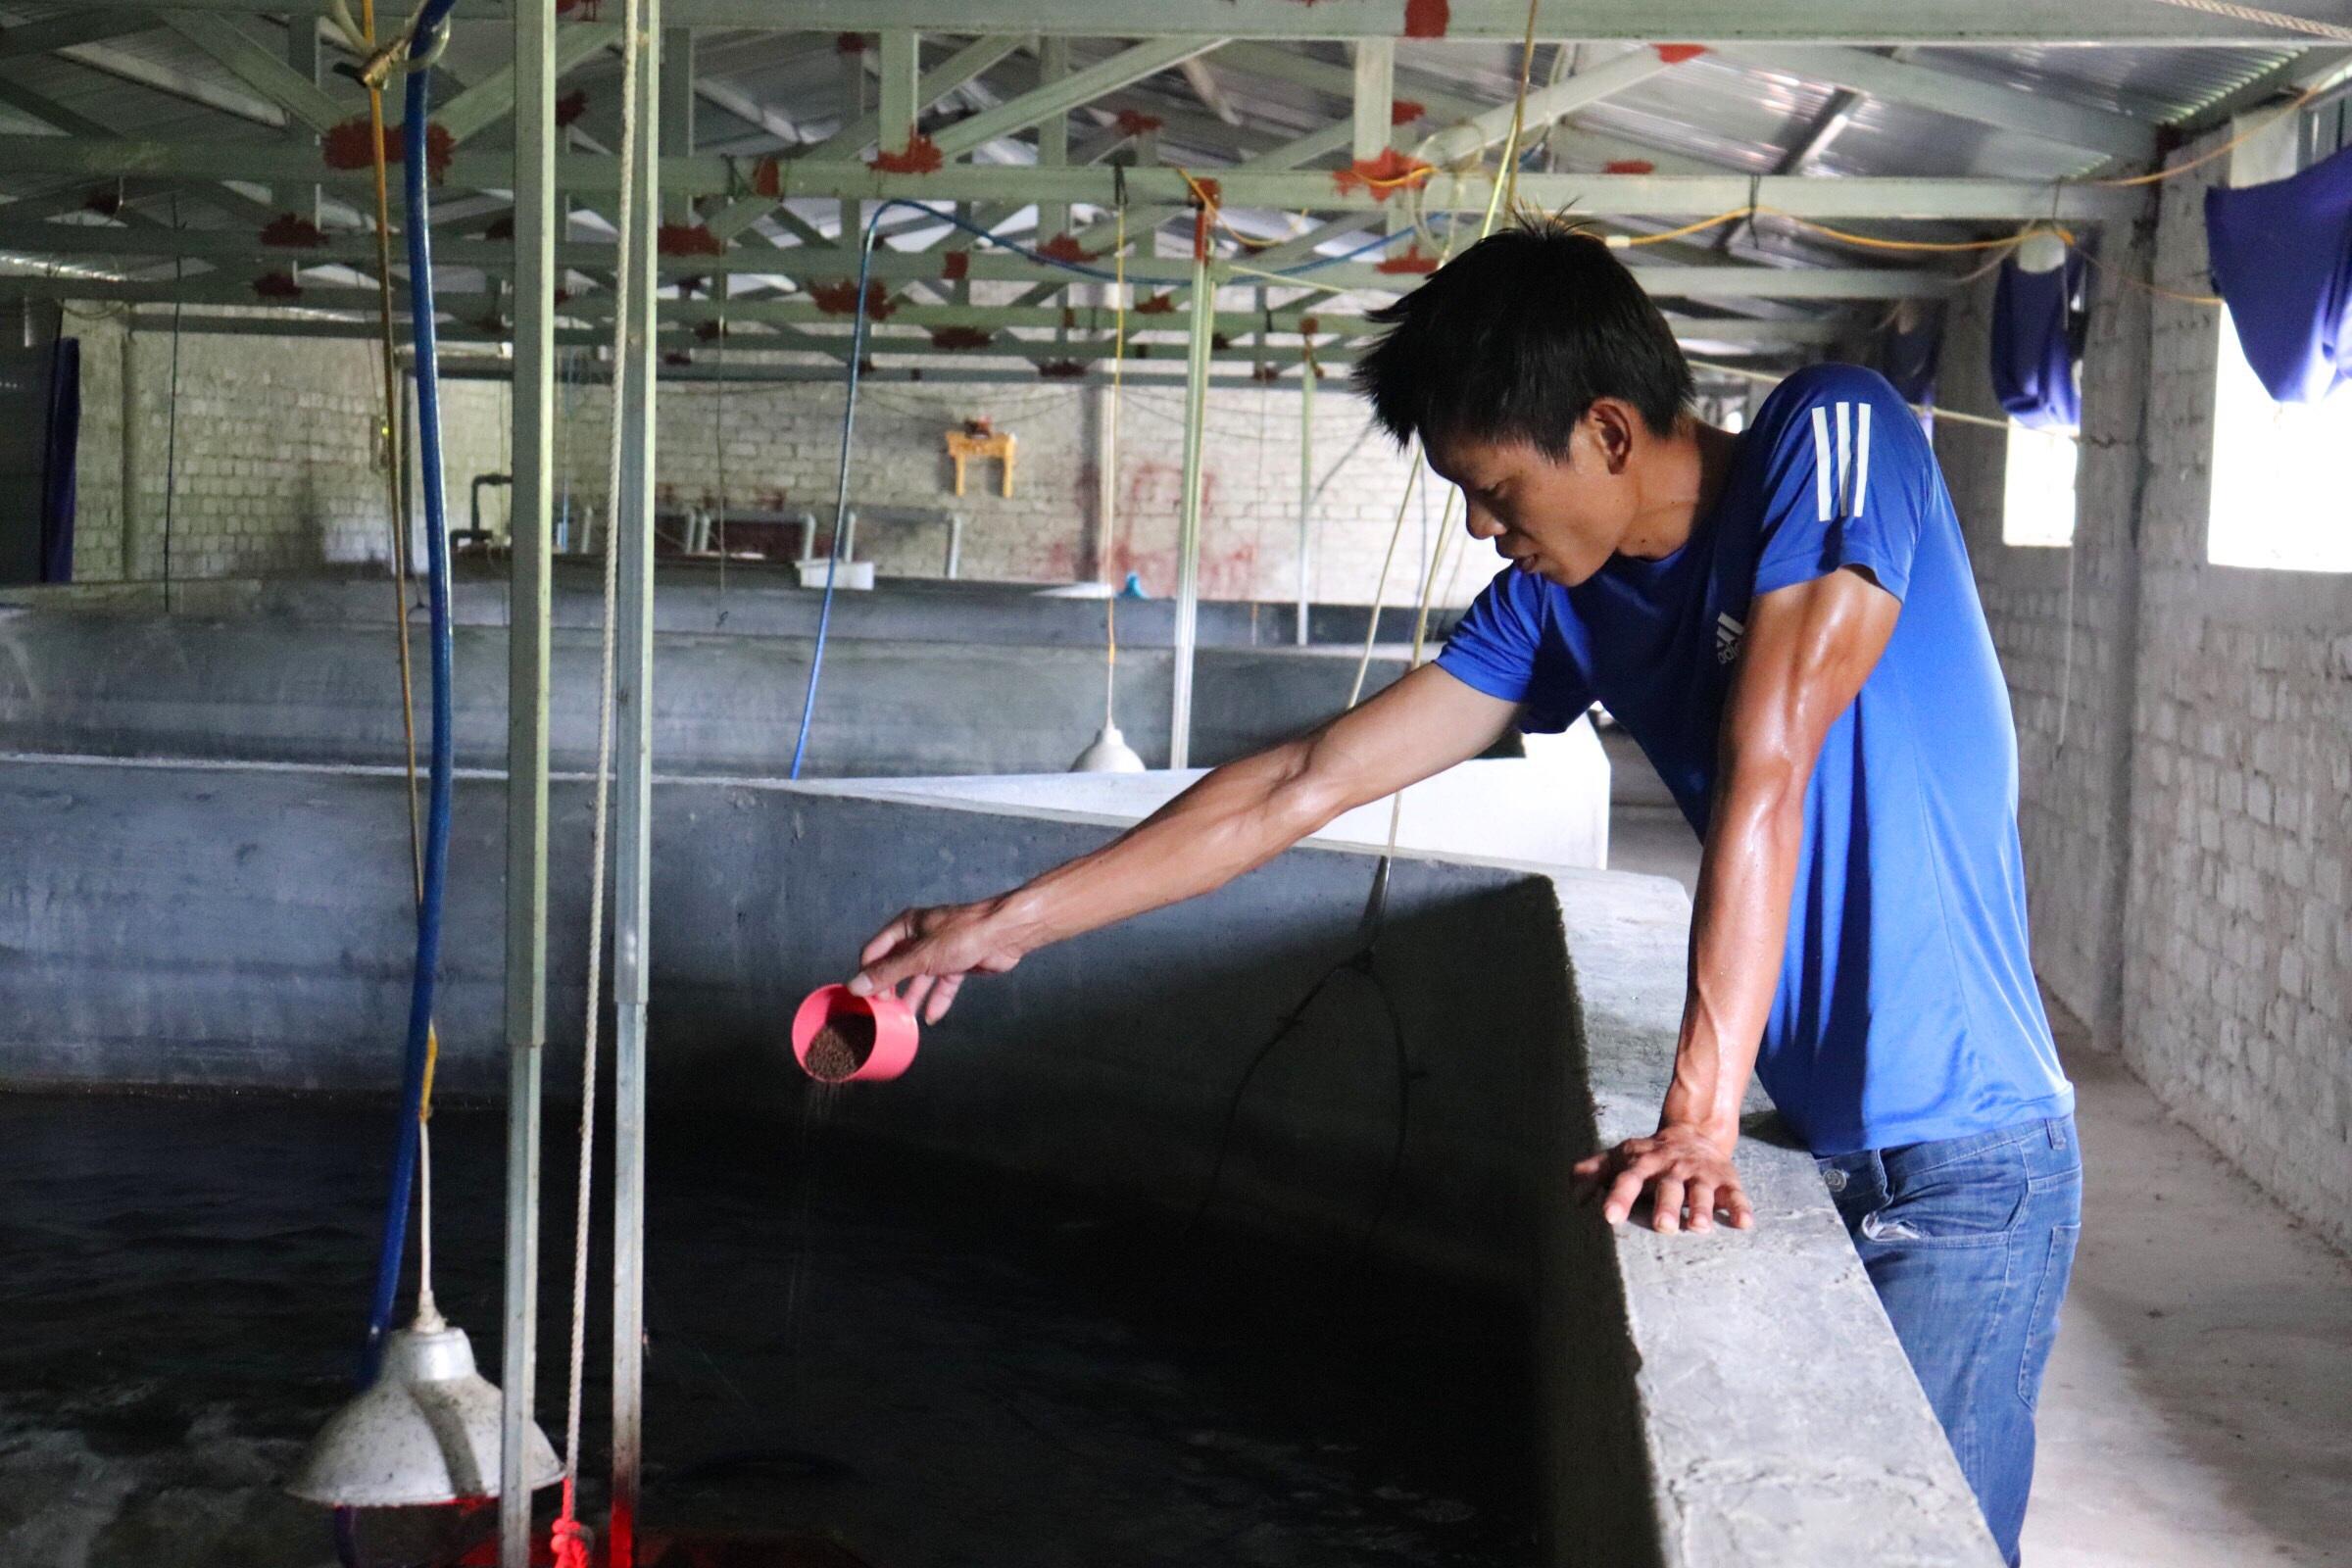 Câu chuyện khởi nghiệp của chàng kỹ sư với 4.000 con cá chình - 1